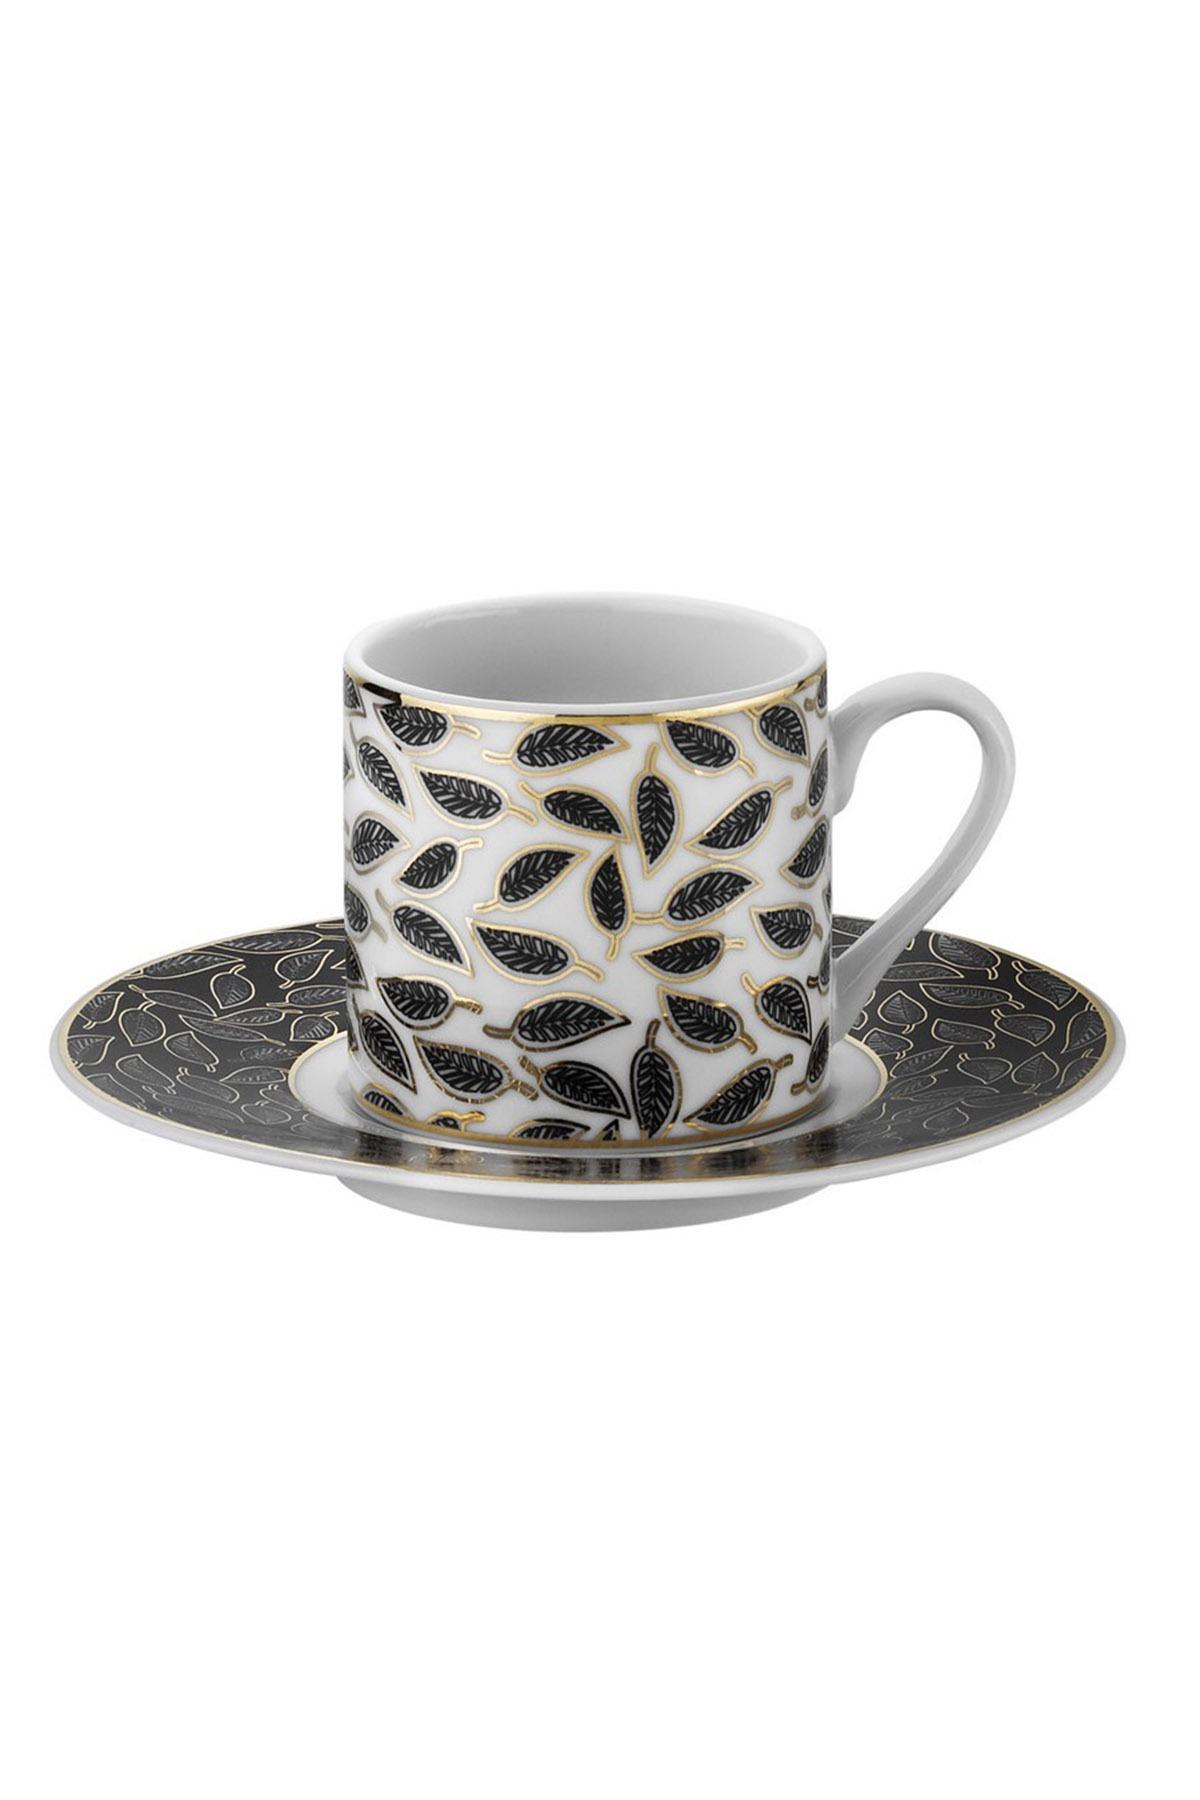 Kütahya Porselen - Kütahya Porselen Rüya 7749122 Desen Kahve Fincan Takımı